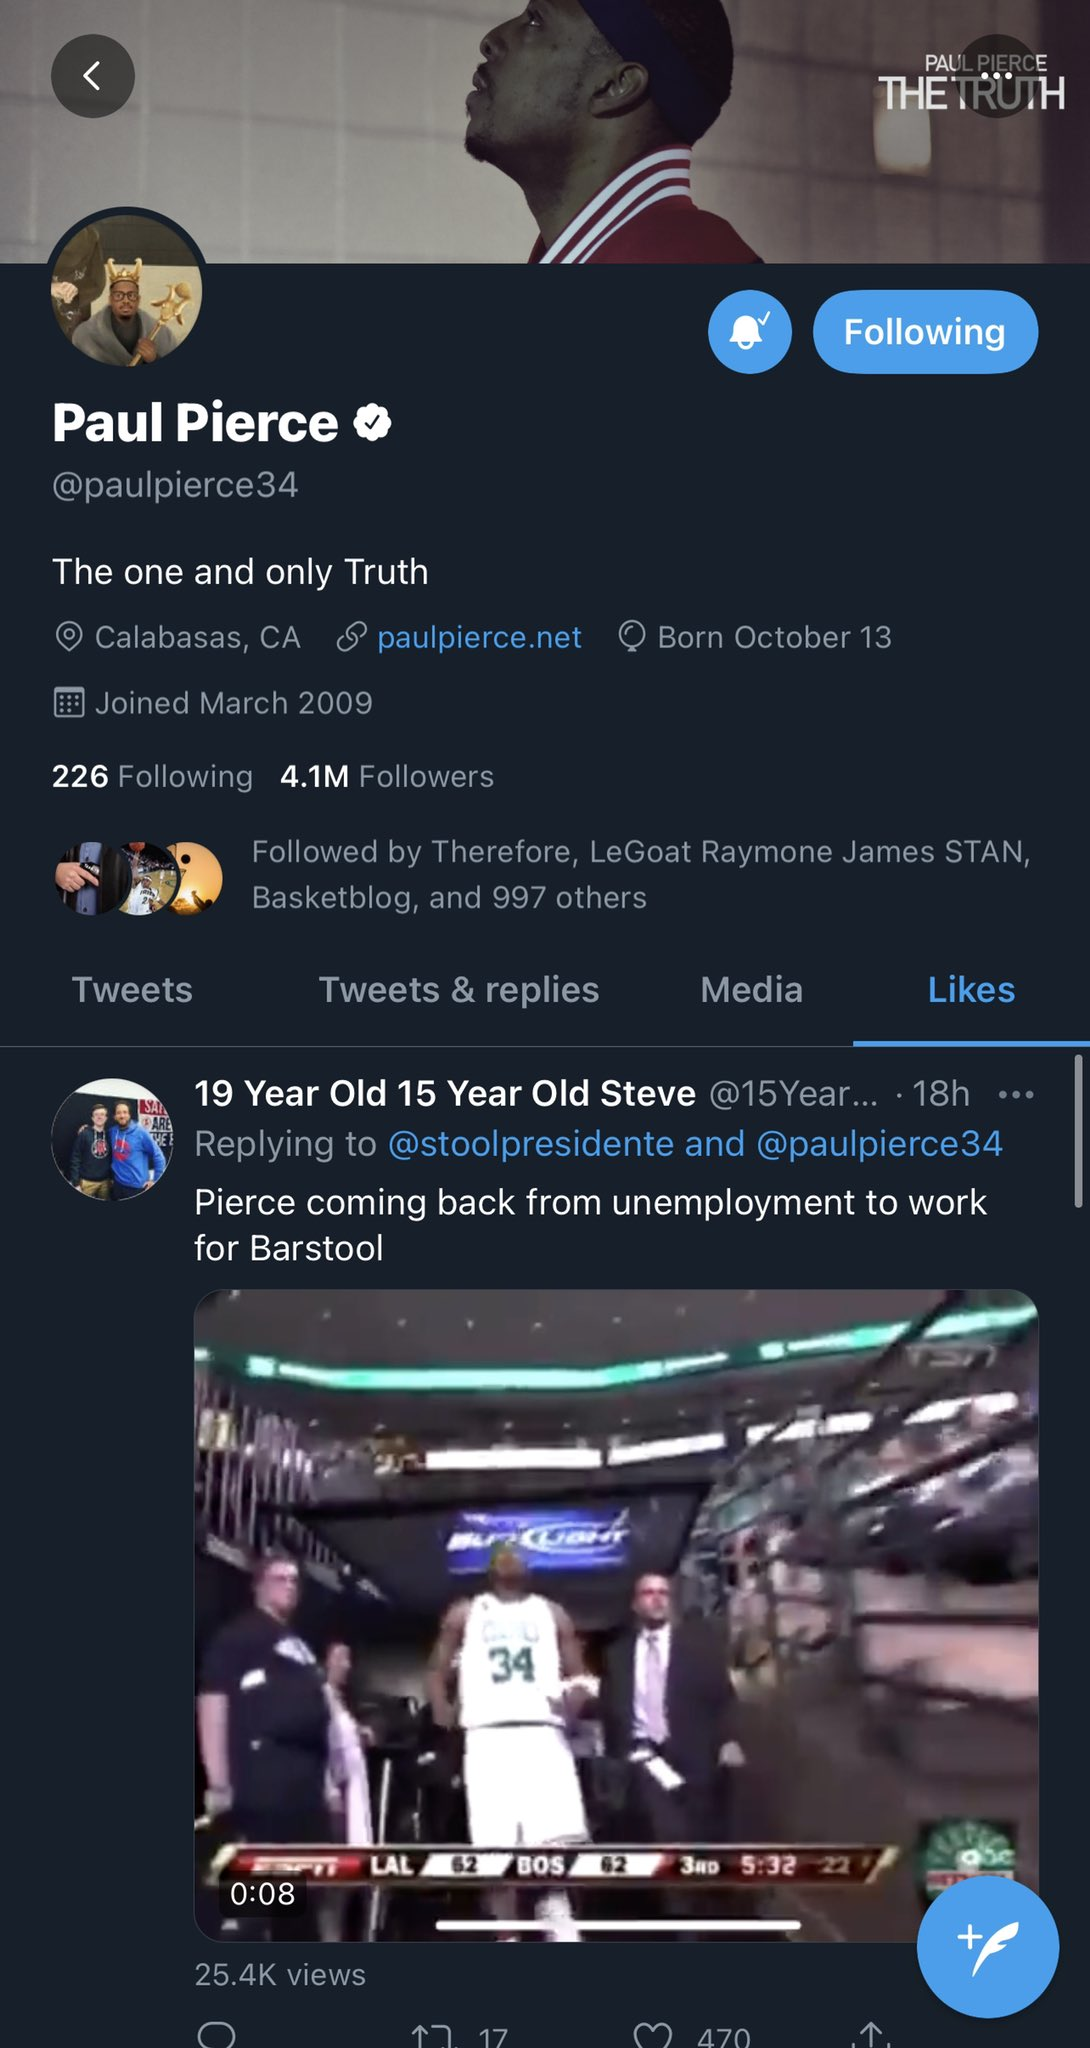 Paul Pierce Twitter